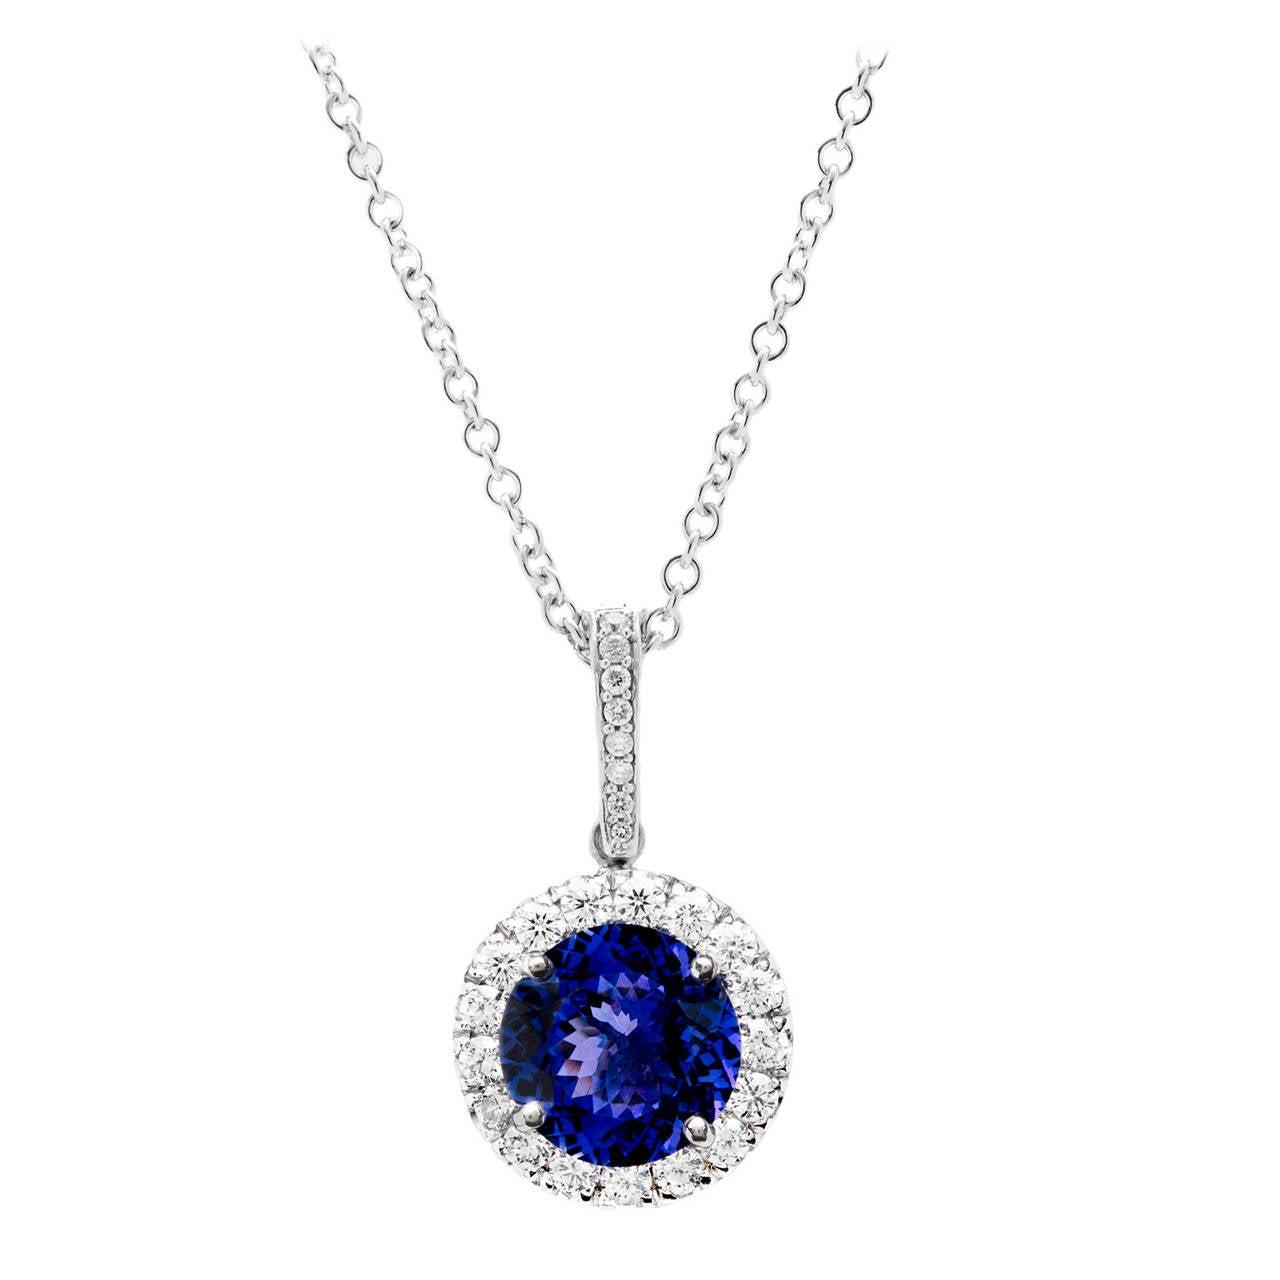 Tanzanite diamond gold halo pendant necklace for sale at 1stdibs tanzanite diamond gold halo pendant necklace for sale mozeypictures Images